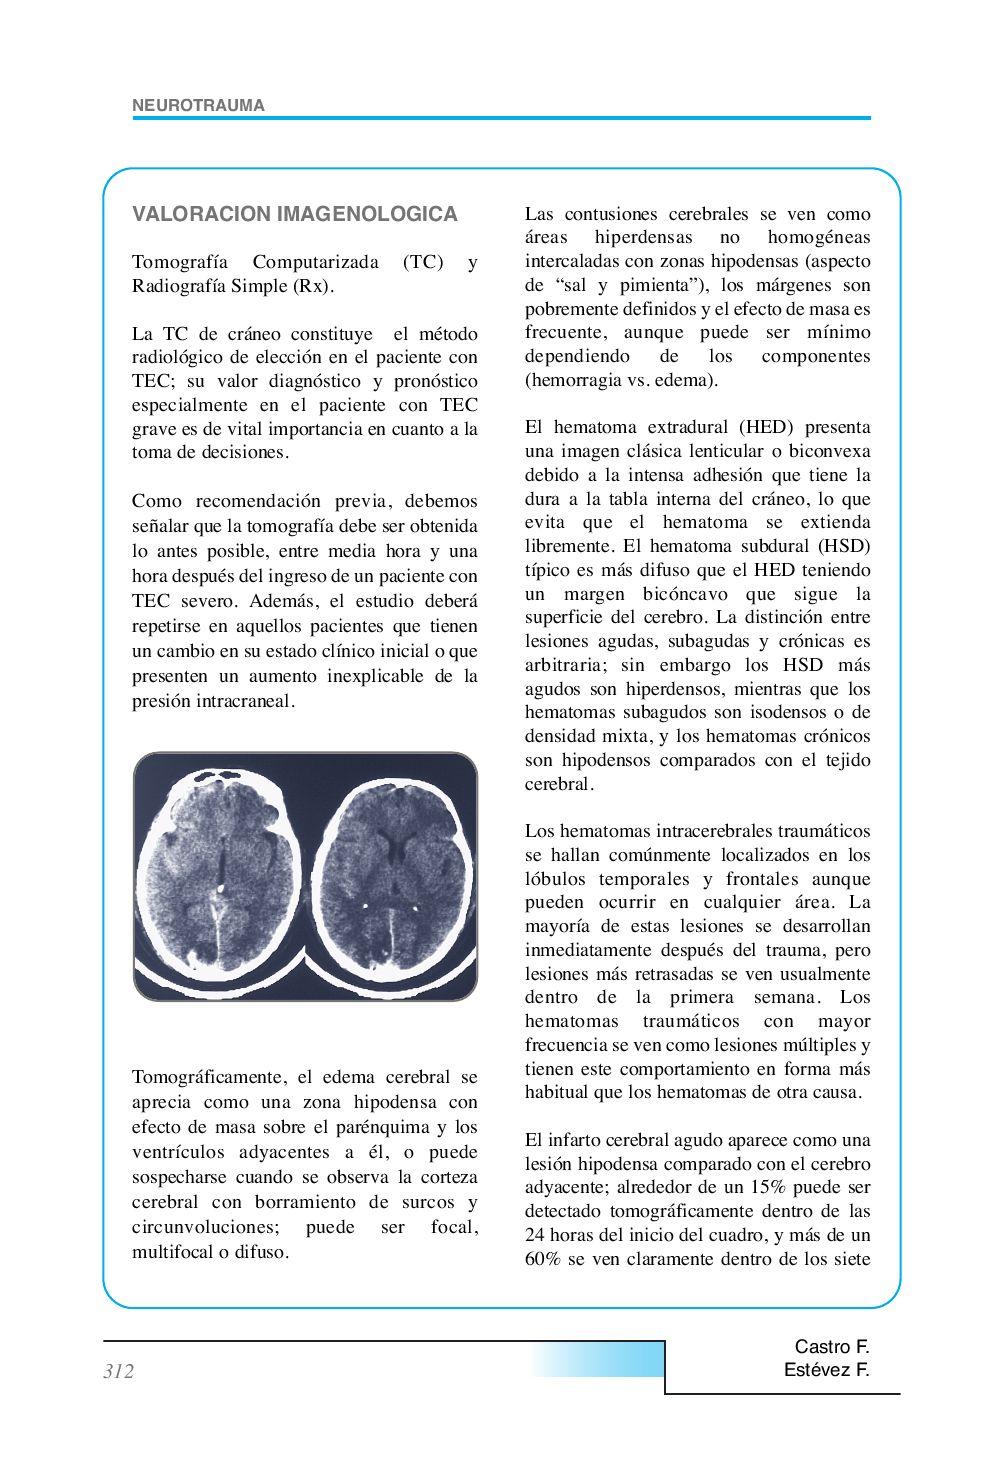 Un hematoma en el tejido cerebral